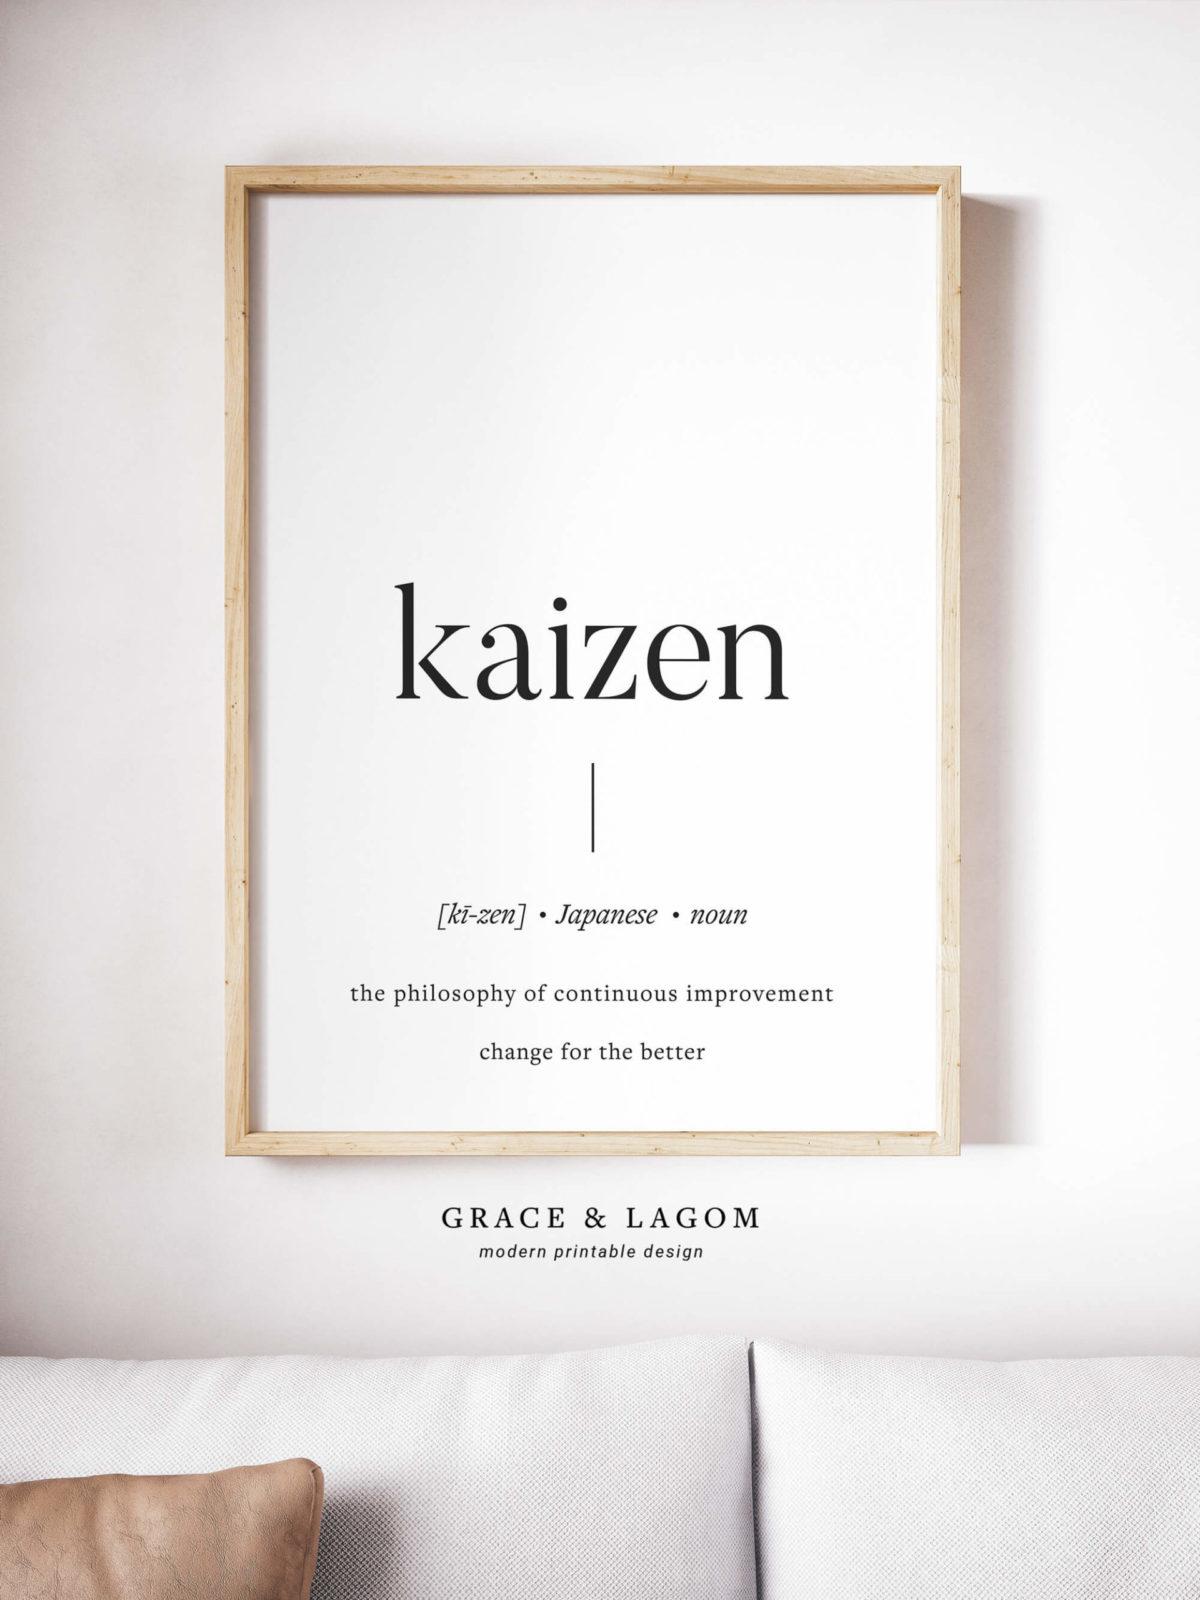 kaizen definition printable wall art scandinavian art